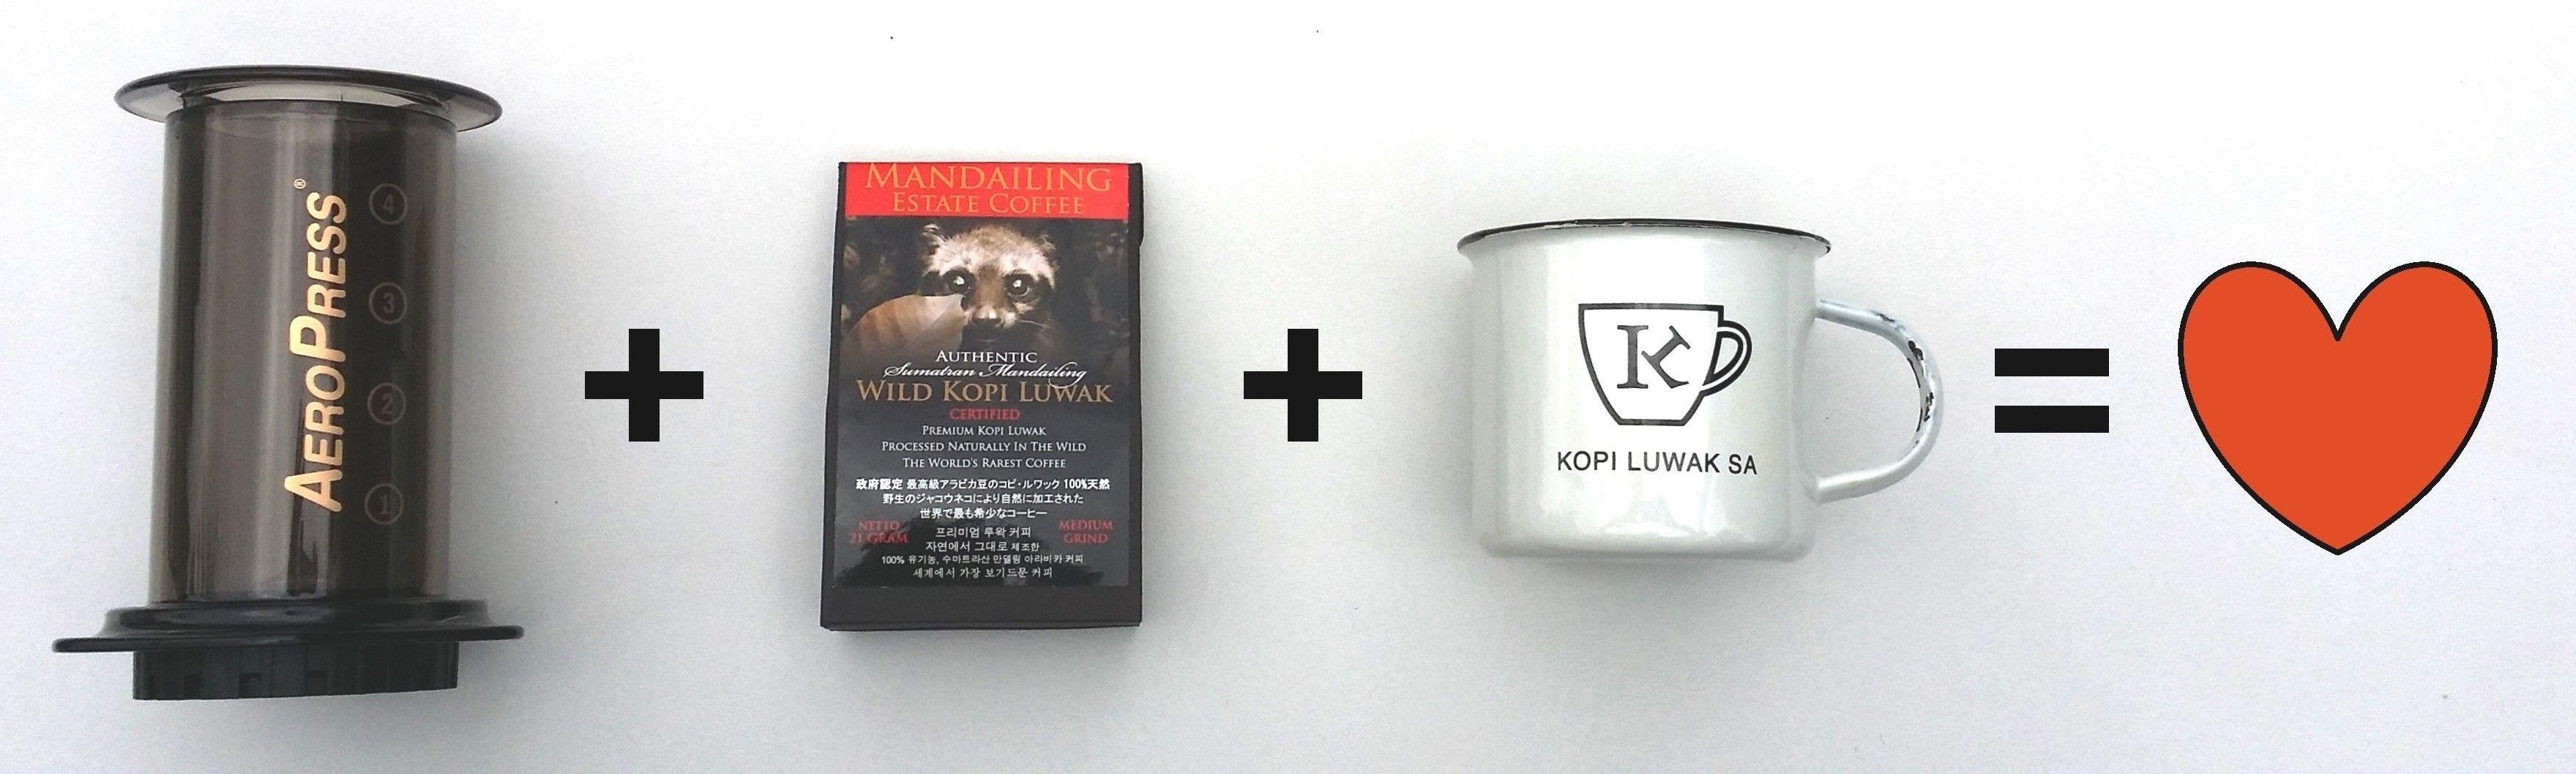 A Perfect Match! Perfect match, Kopi, Aeropress